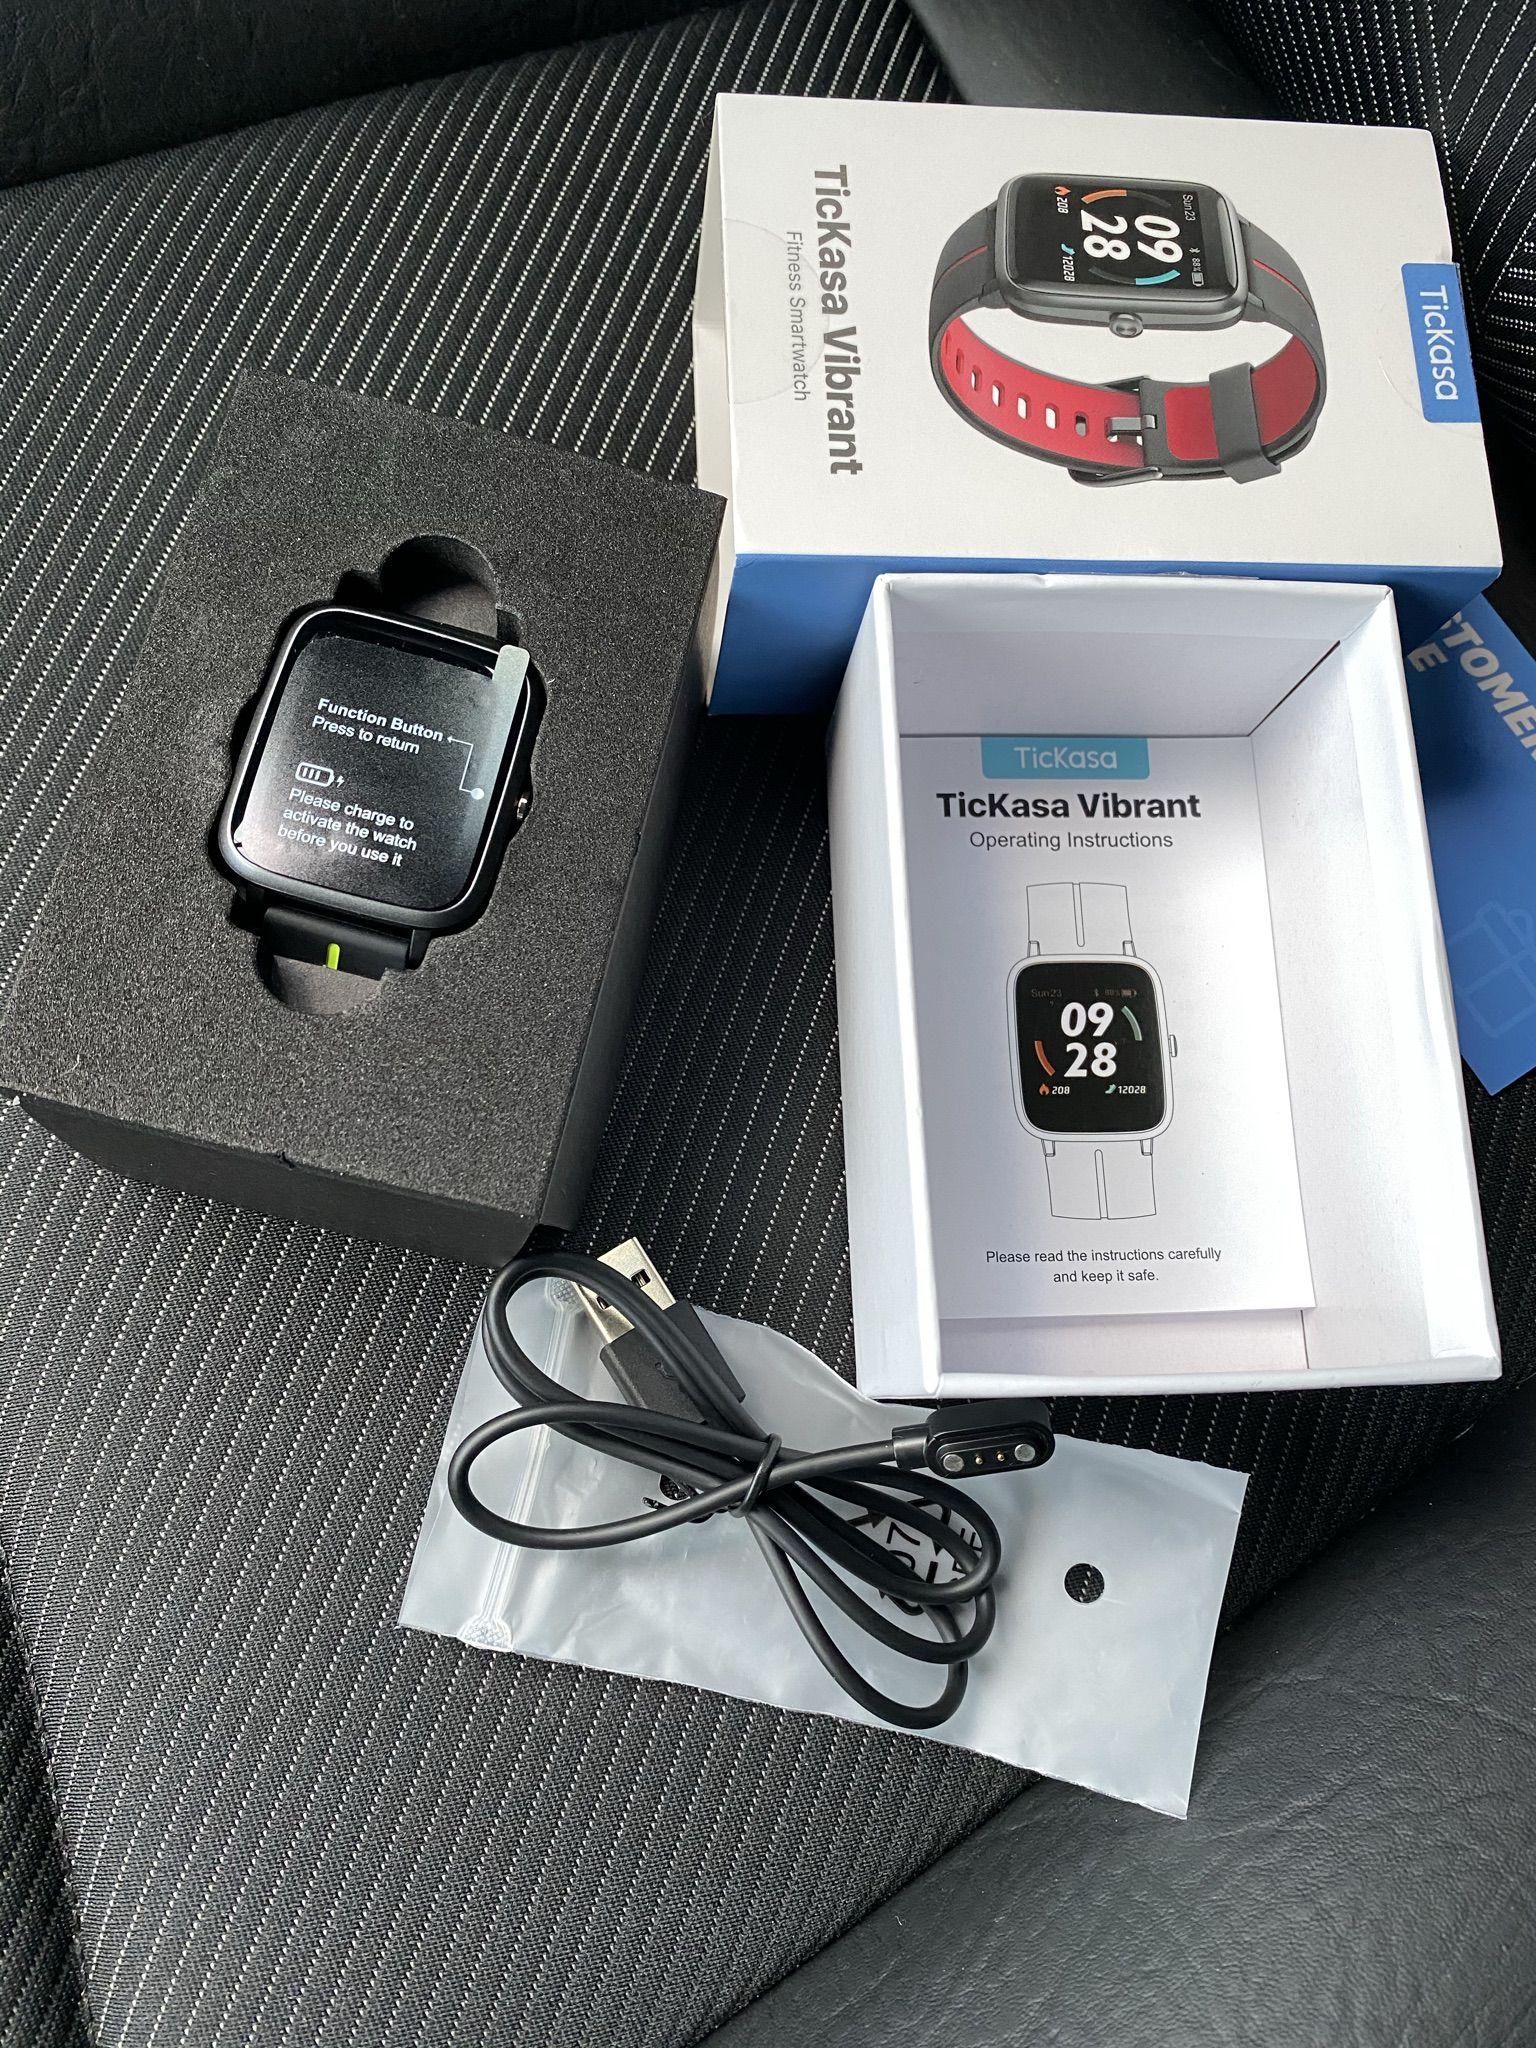 Recensione-TicKasa-Vibrant-16 Recensione TicKasa Vibrant, Fitness Smartwatch Economico